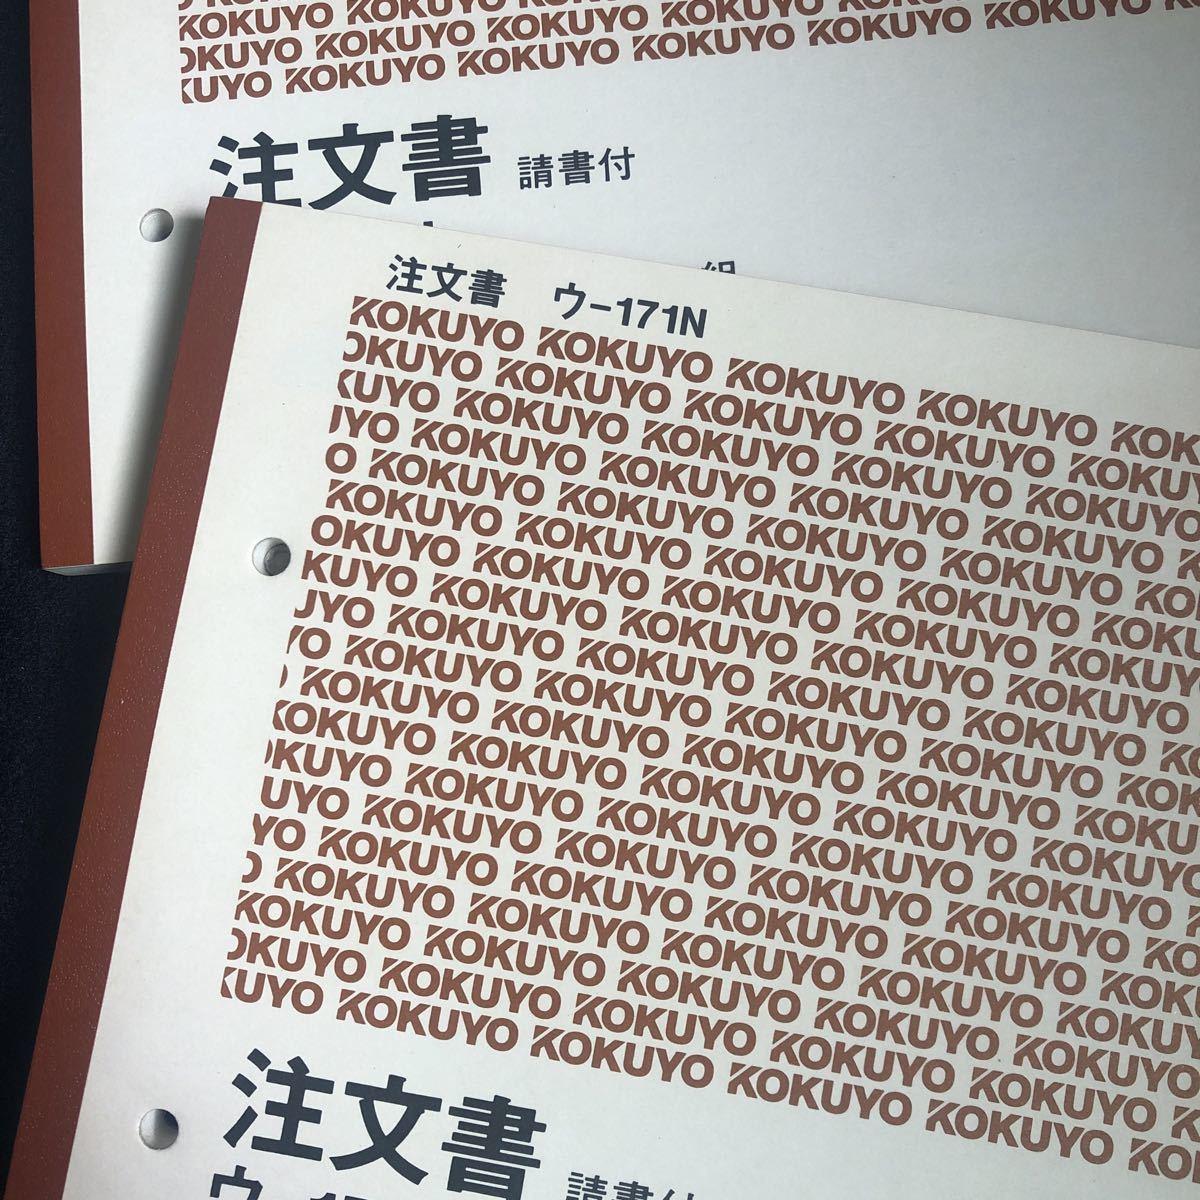 注文書 KOKUYO コクヨ 2冊 ウ-171N 3枚複写 バックカーボン 40組 請書付き 焼け 匂い等がございます_画像3